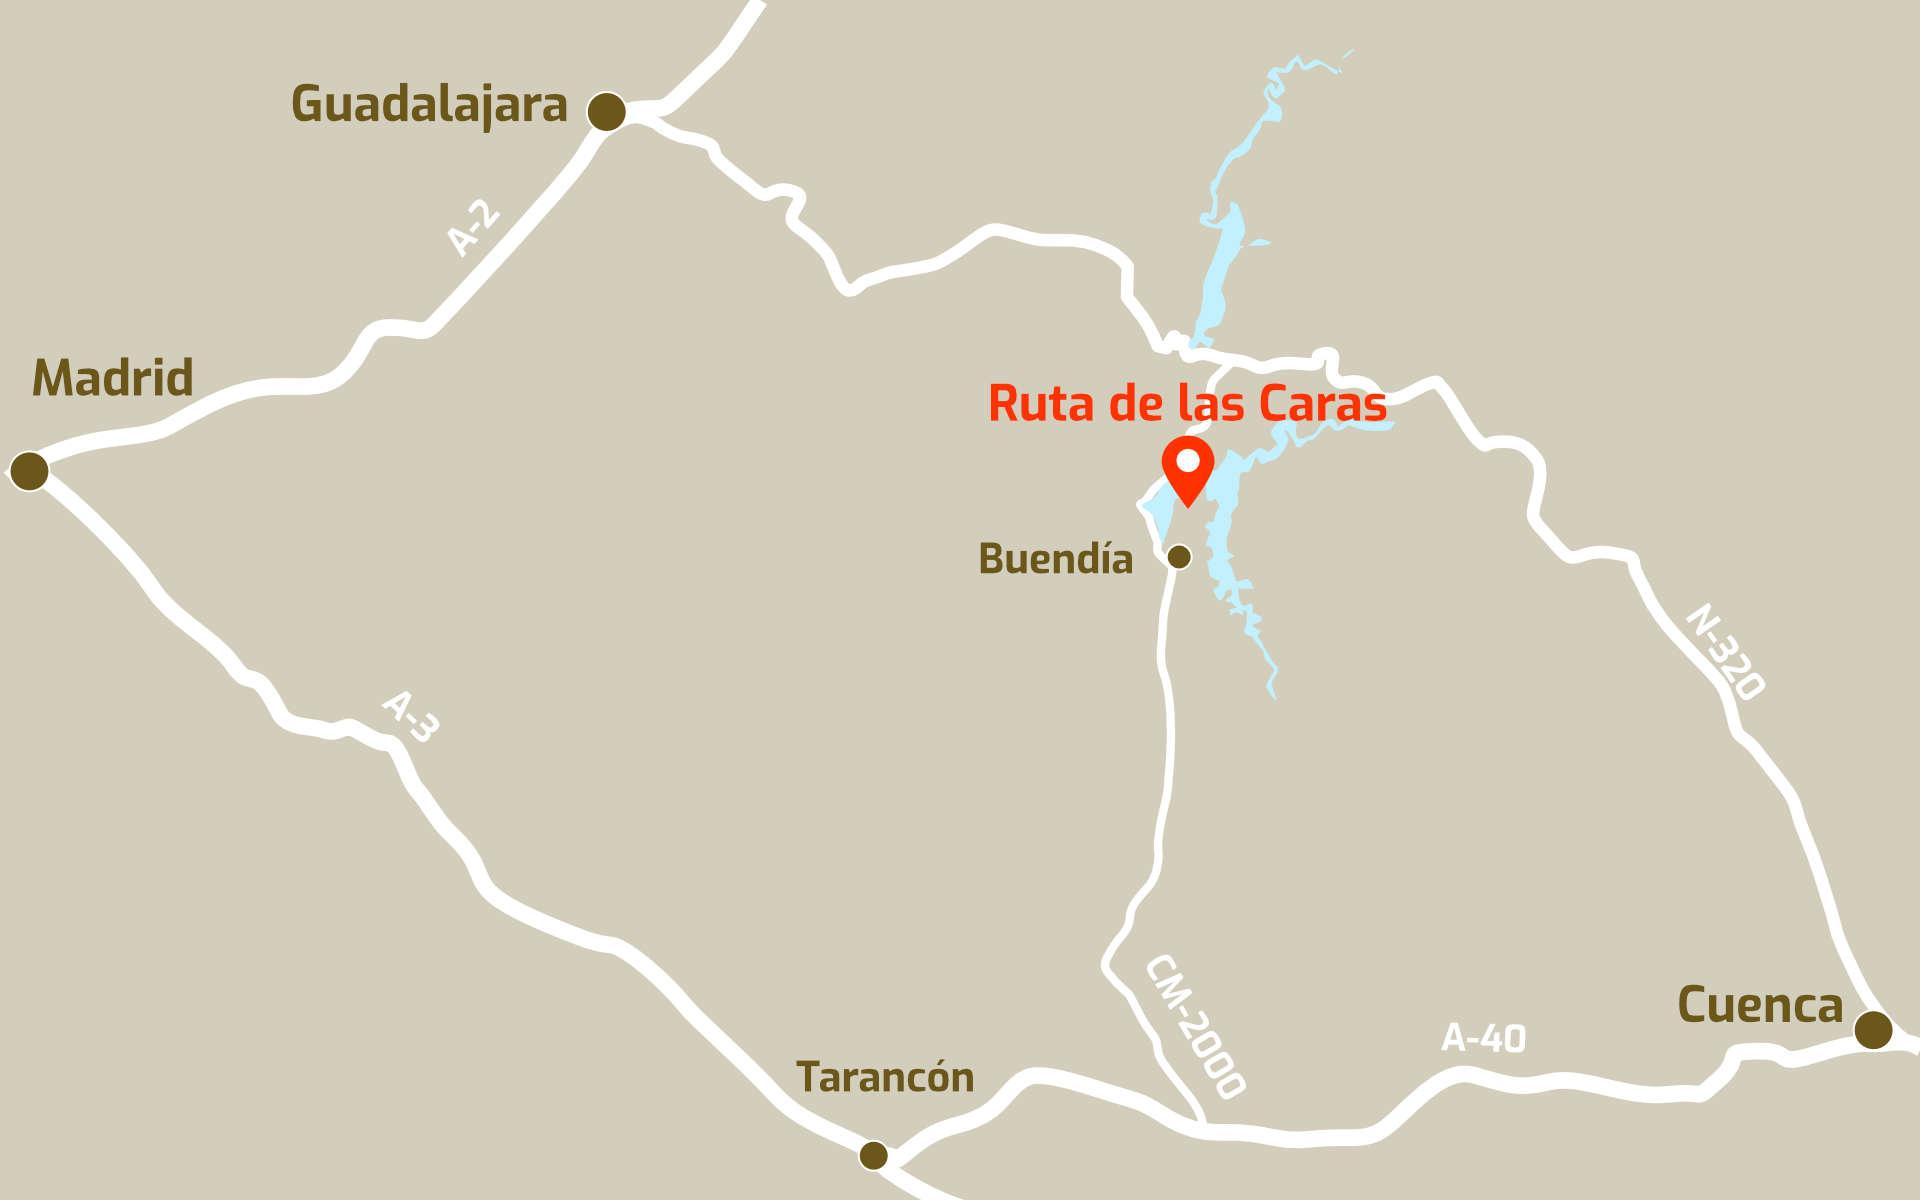 Mapa de ubicación de la Ruta de las Caras, en Buendía, Cuenca, Castilla La Mancha